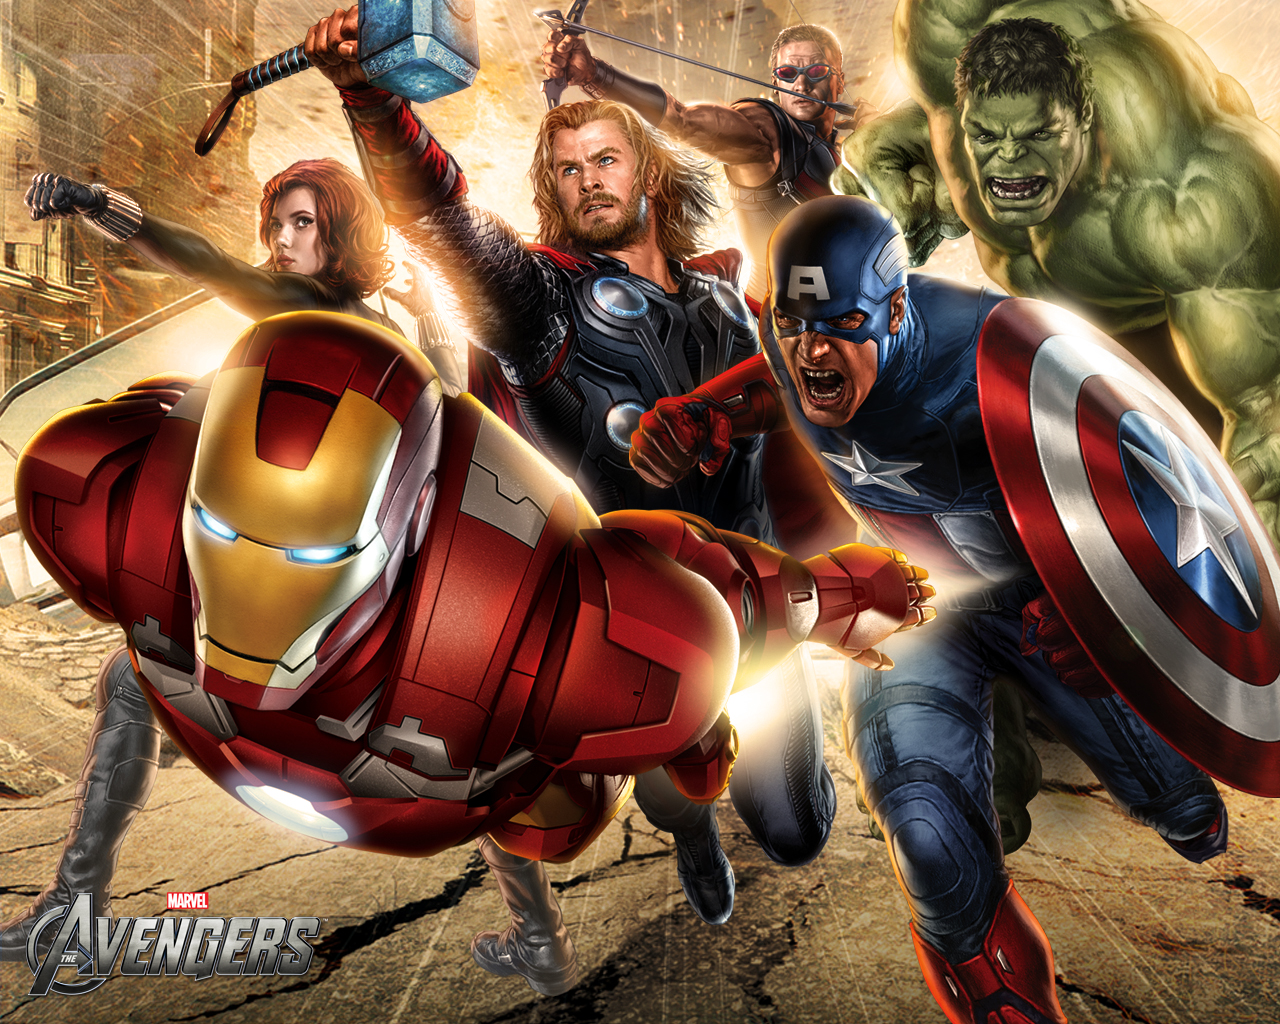 En Fin Ya Saben 27 De Abril El Estreno Los Avengers Cine Nada